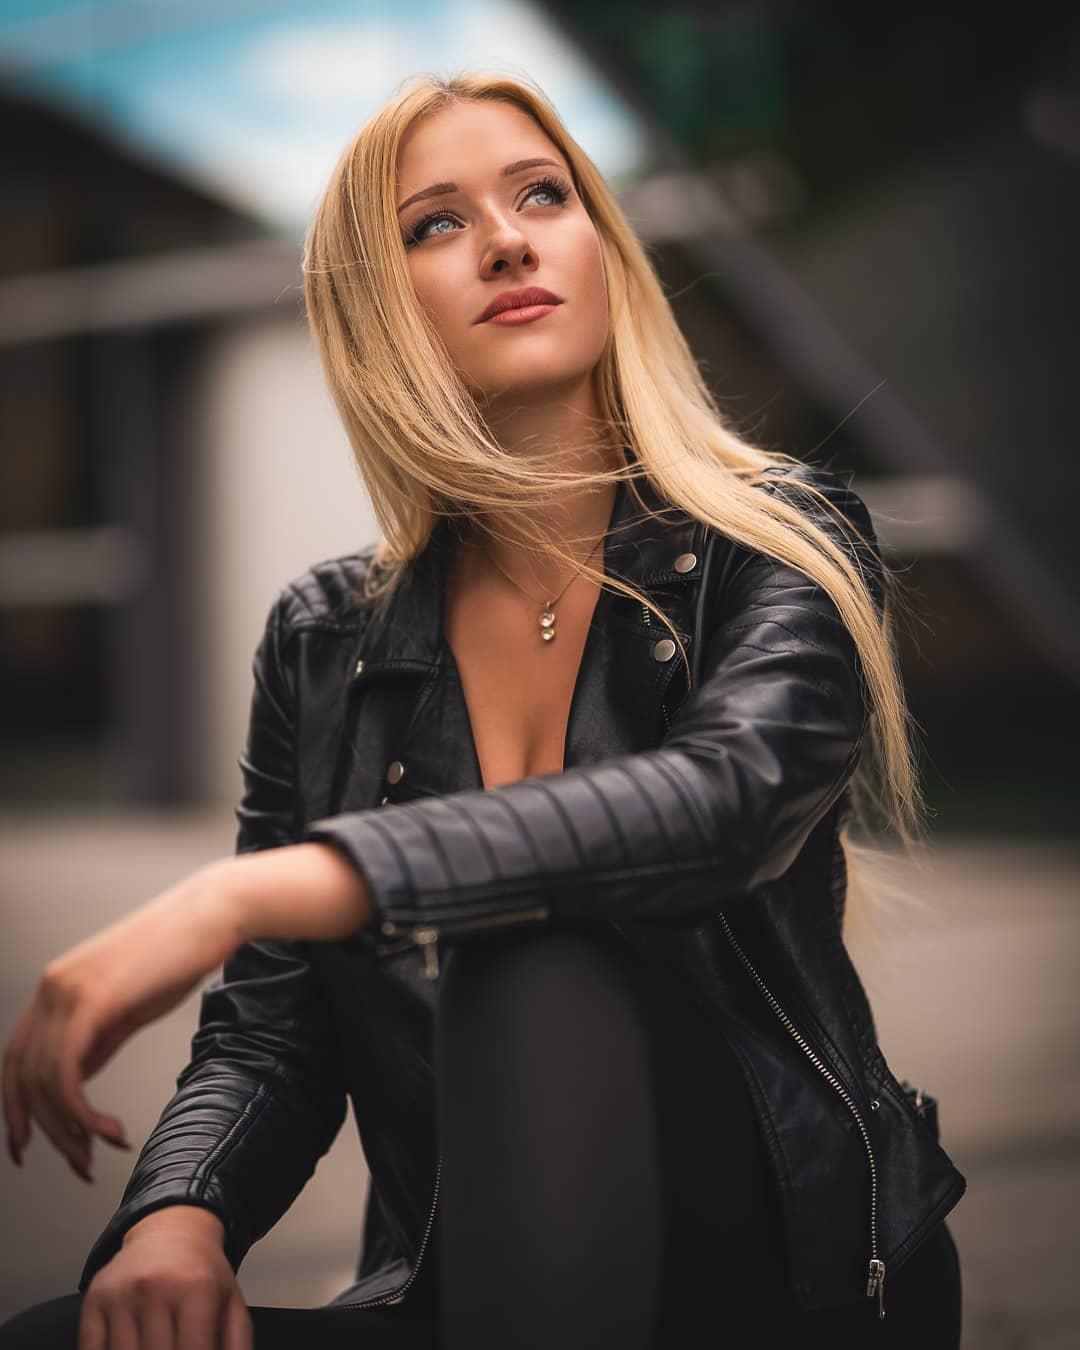 Nicole-Deliah-Wallpapers-Insta-Fit-Bio-2